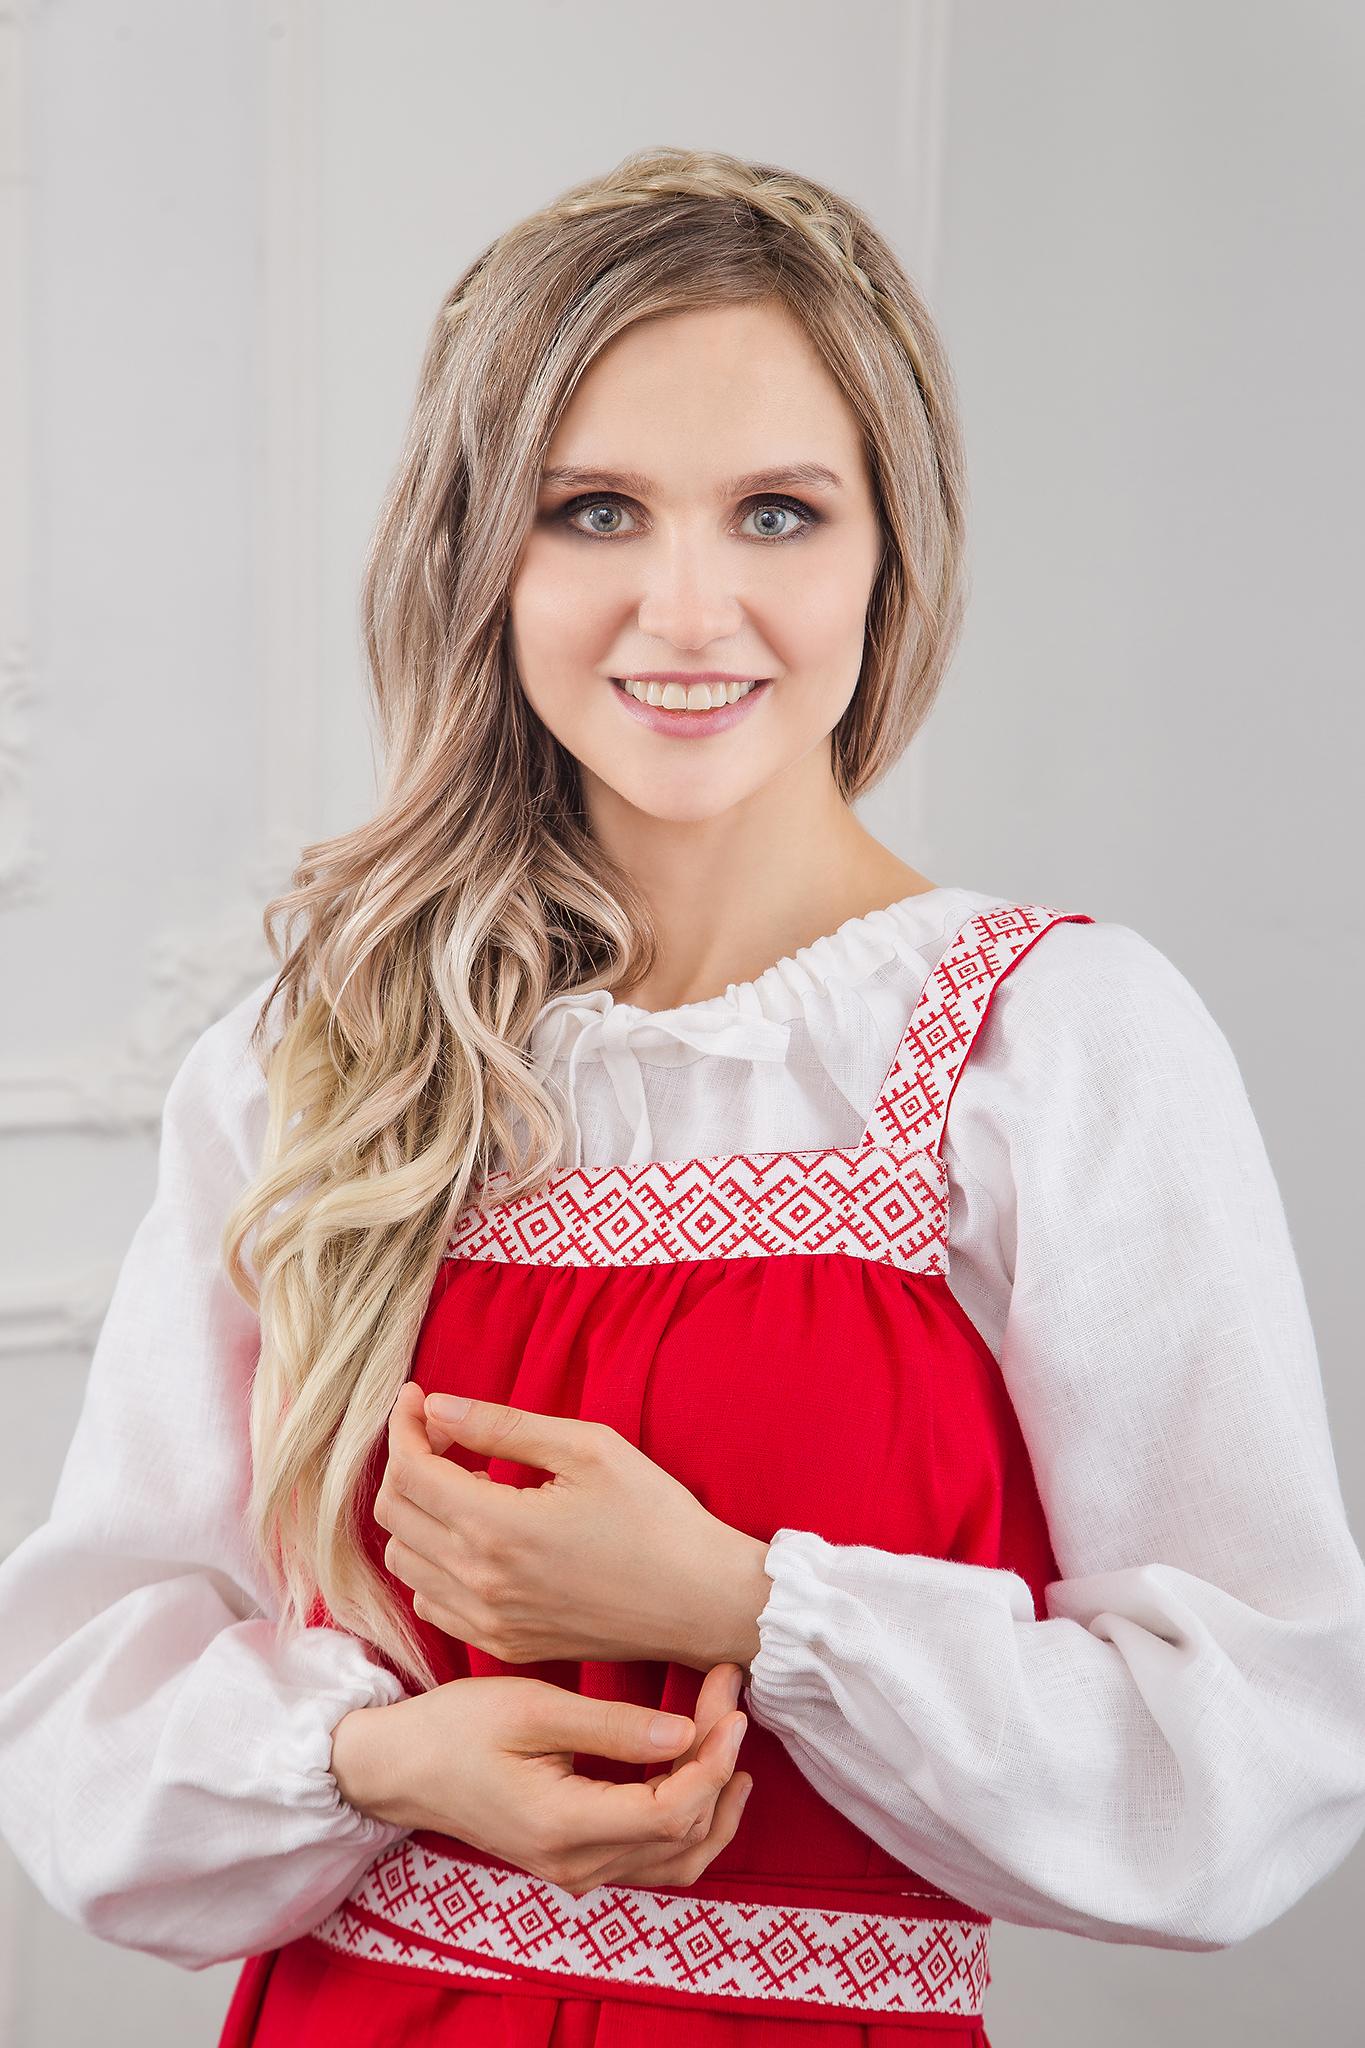 Фото традиционного народного сарафана на красном льне с белой блузой